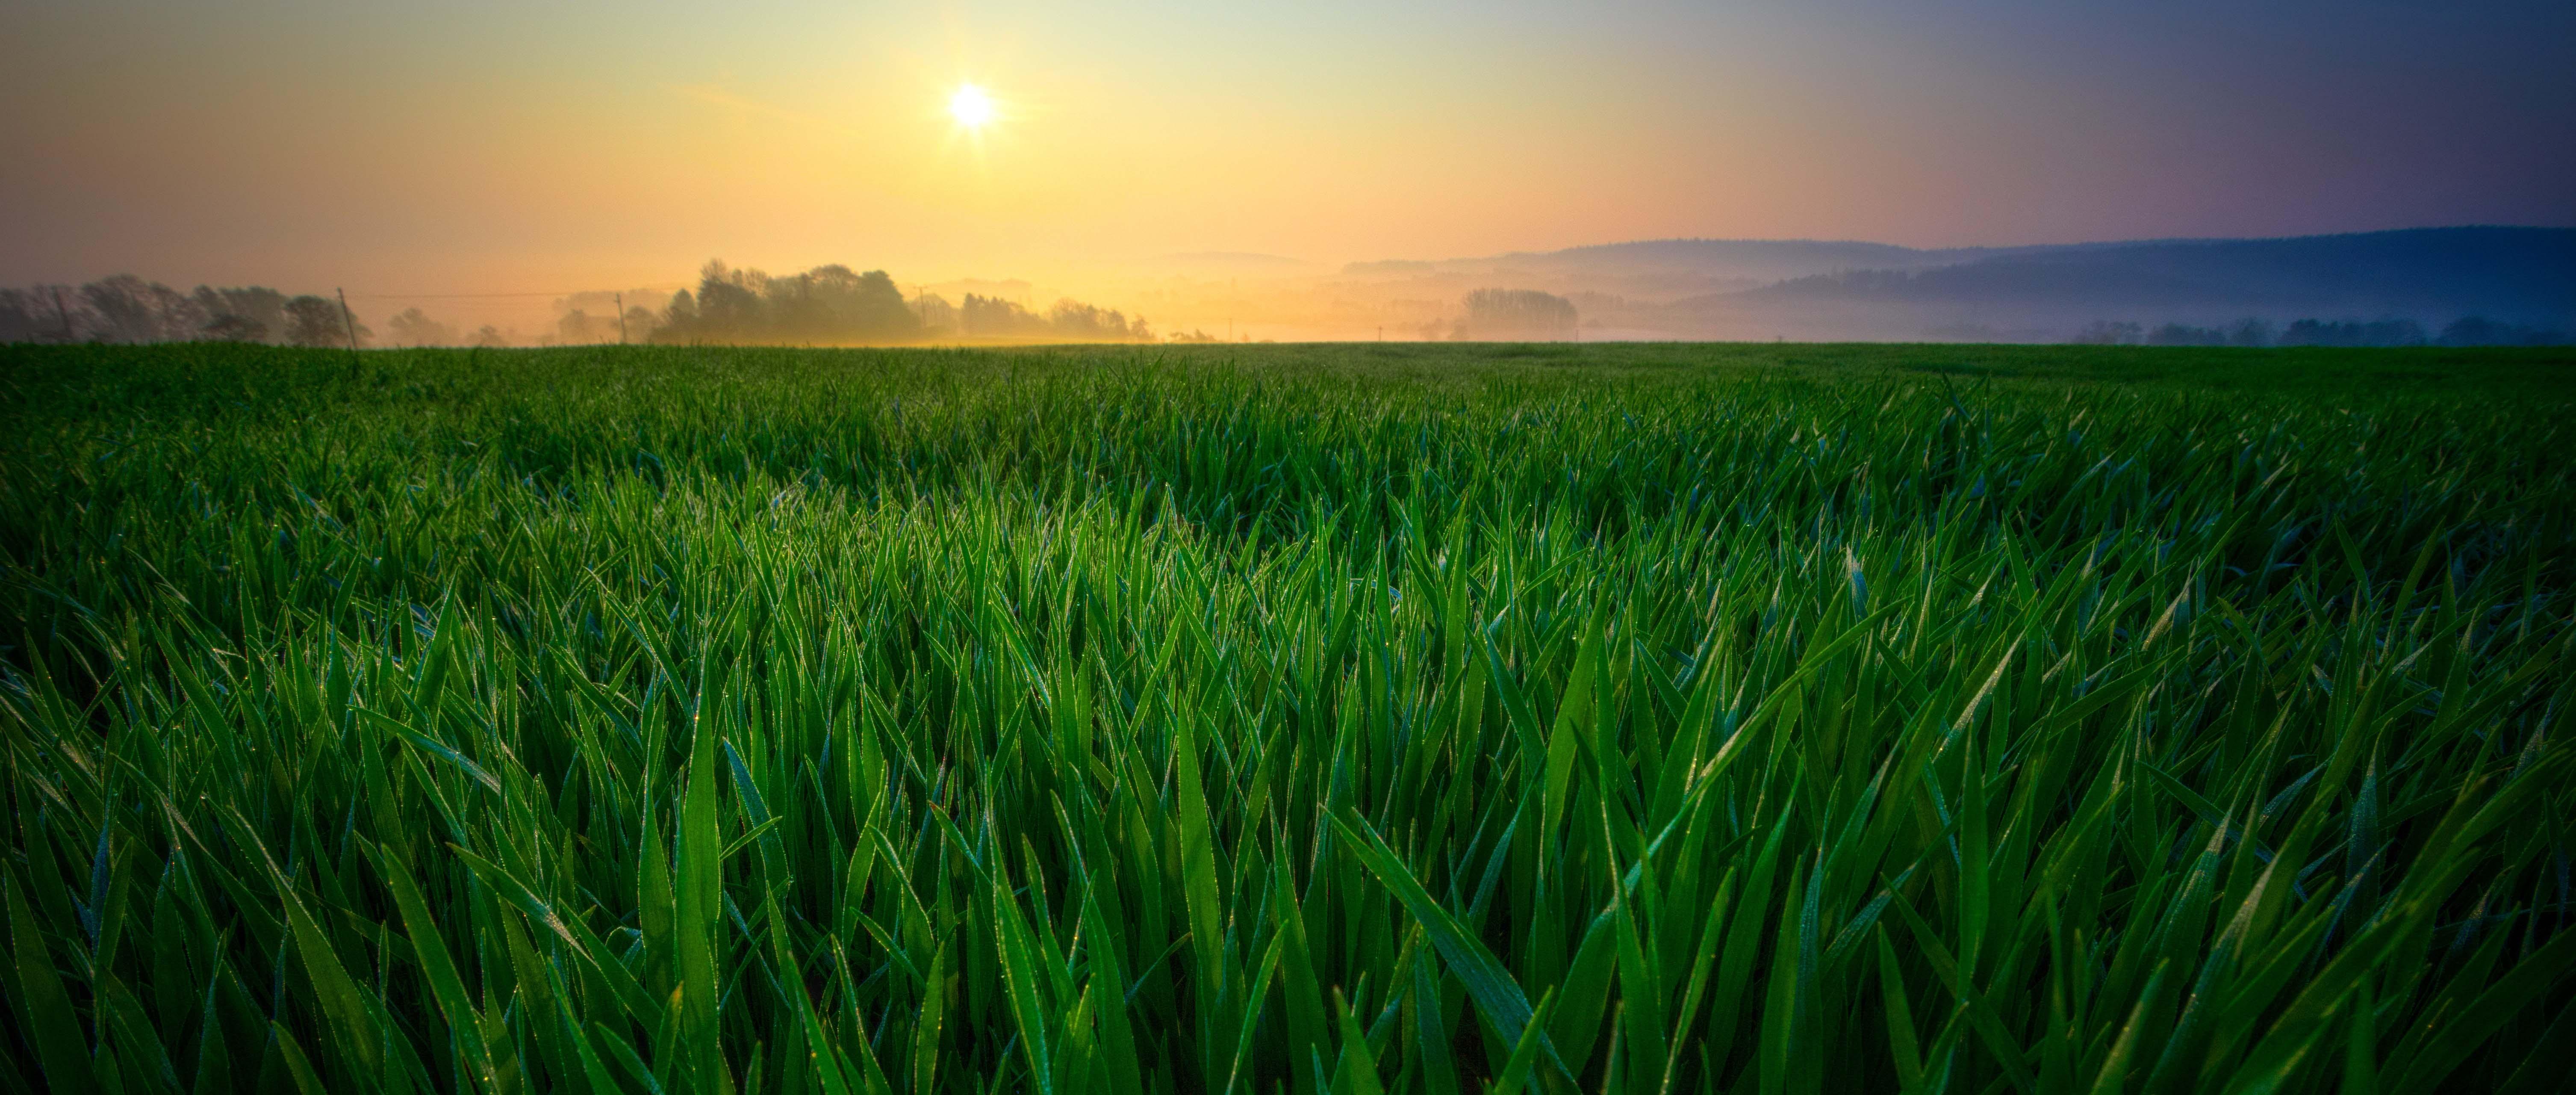 Green Logiststics Nachhaltigkeit